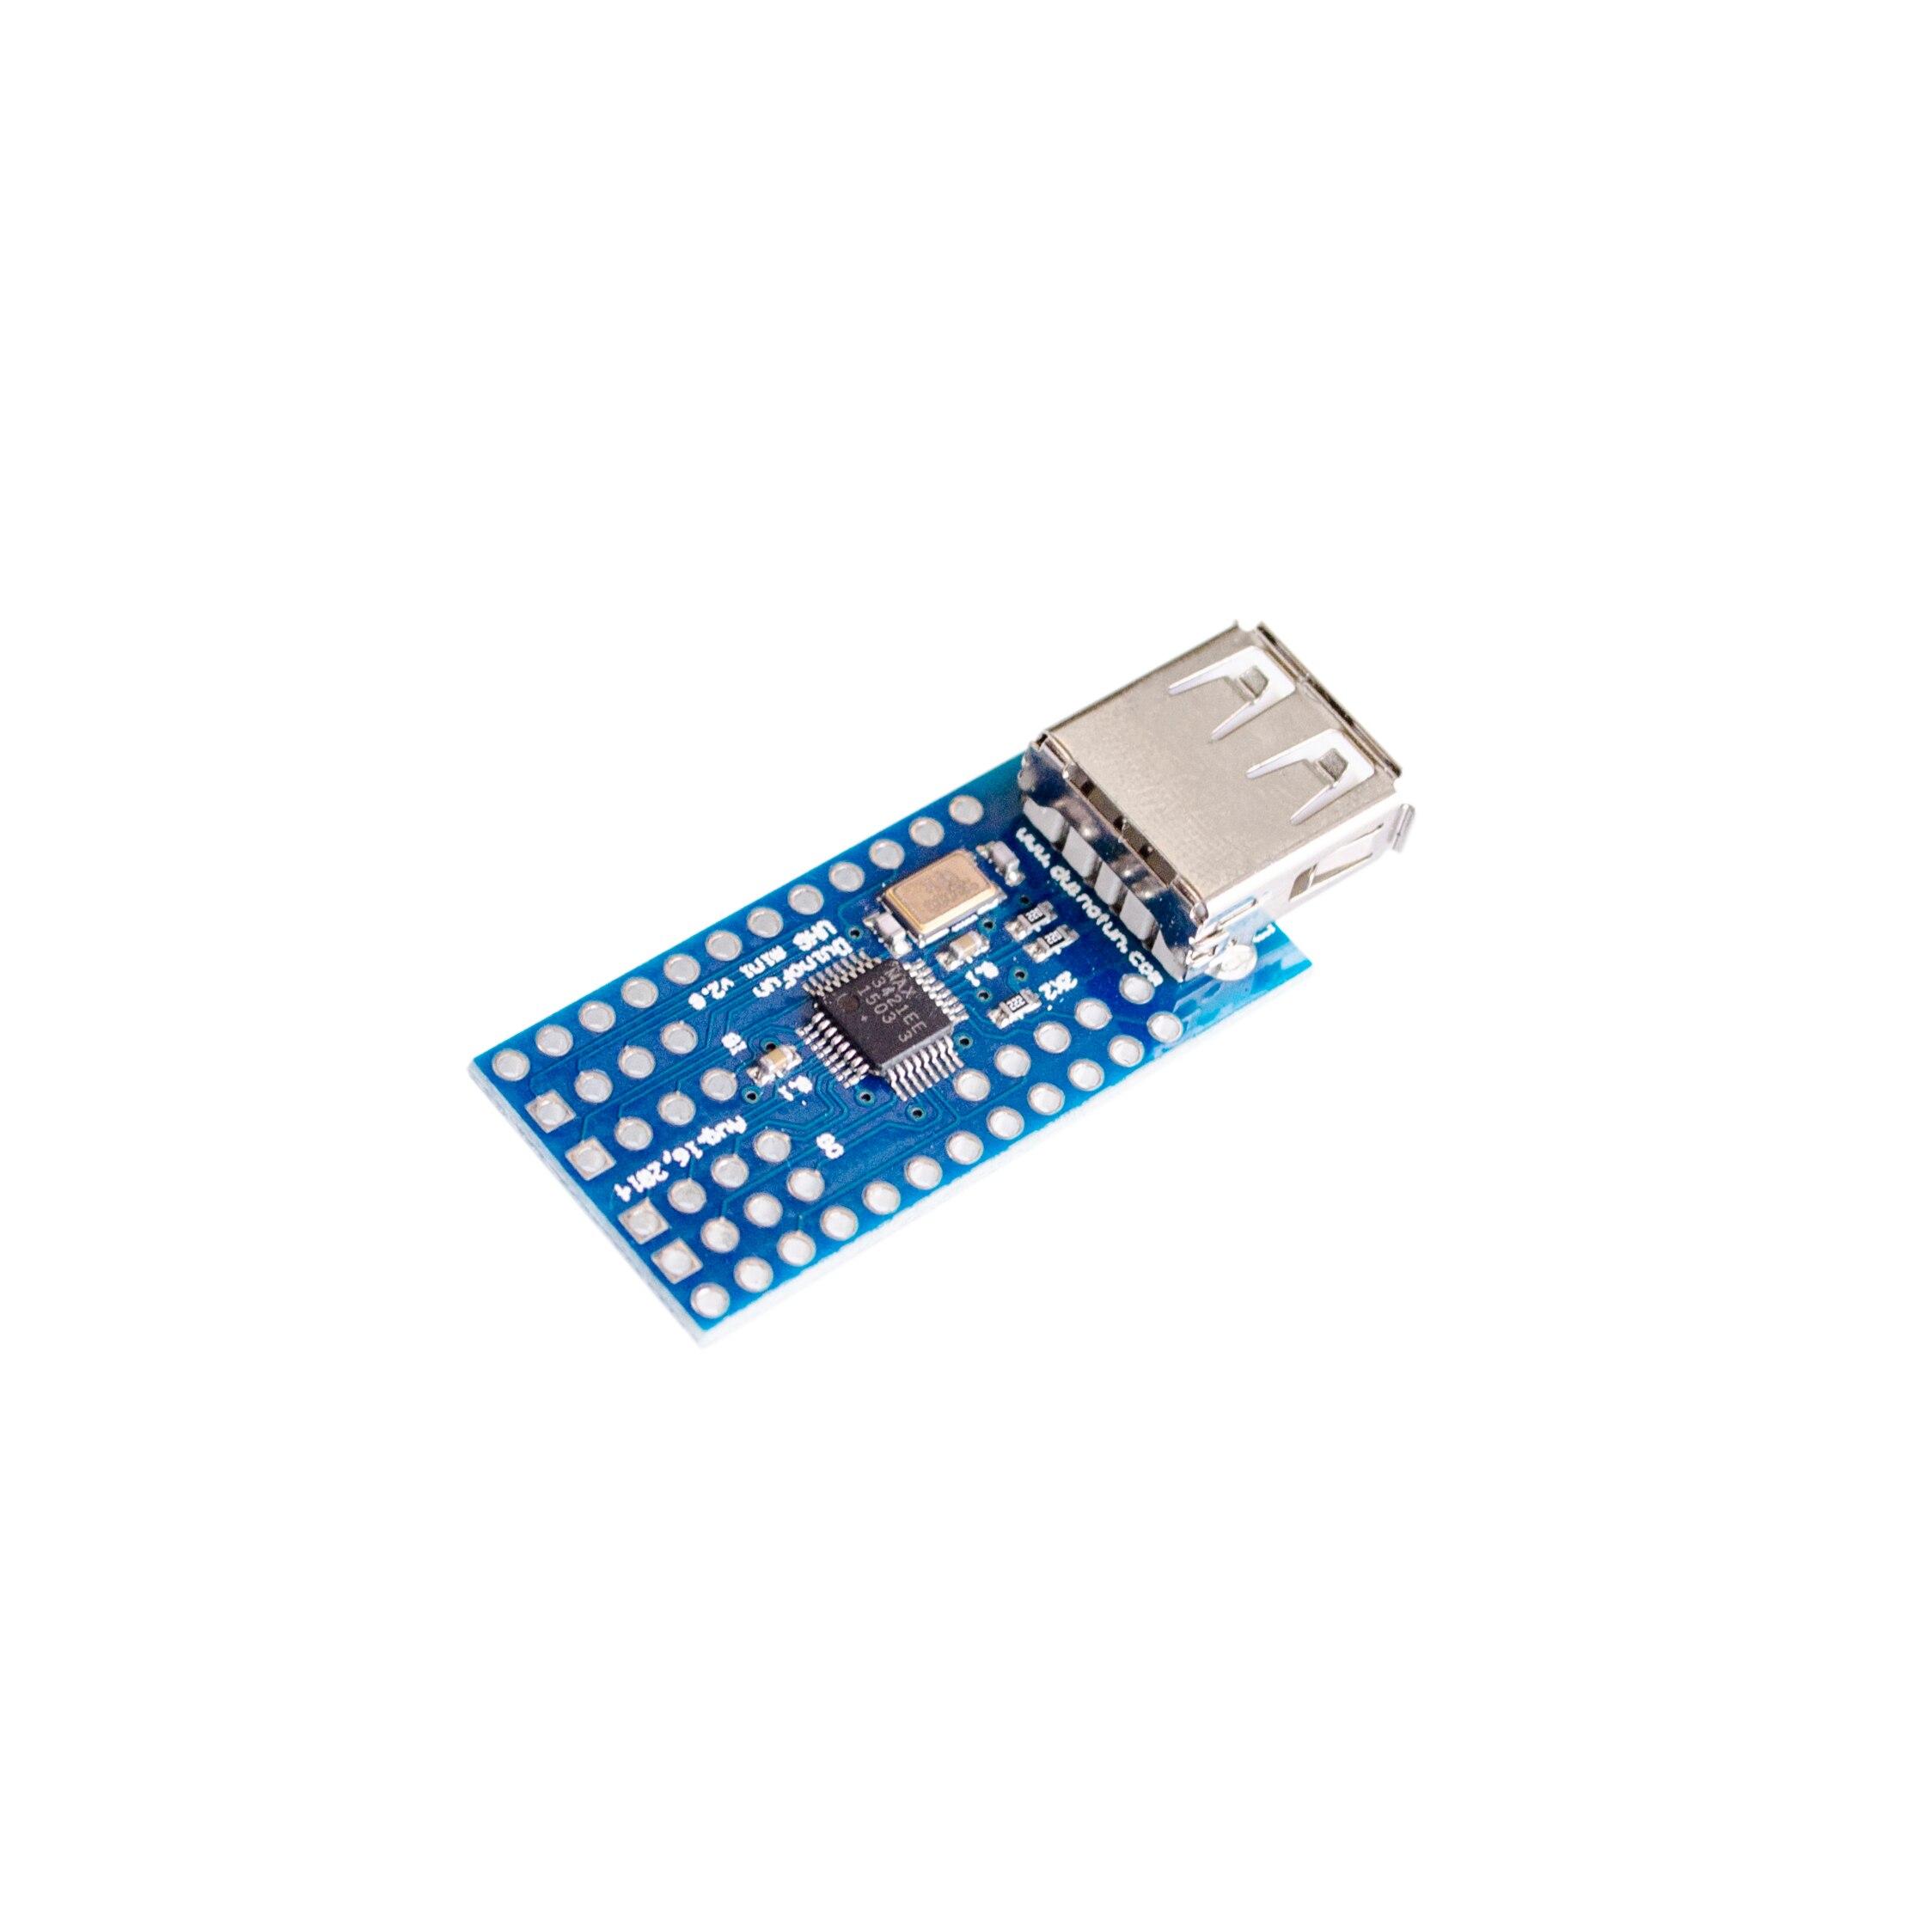 ! Mini USB Host Shield 2.0 ADK SLR development tool